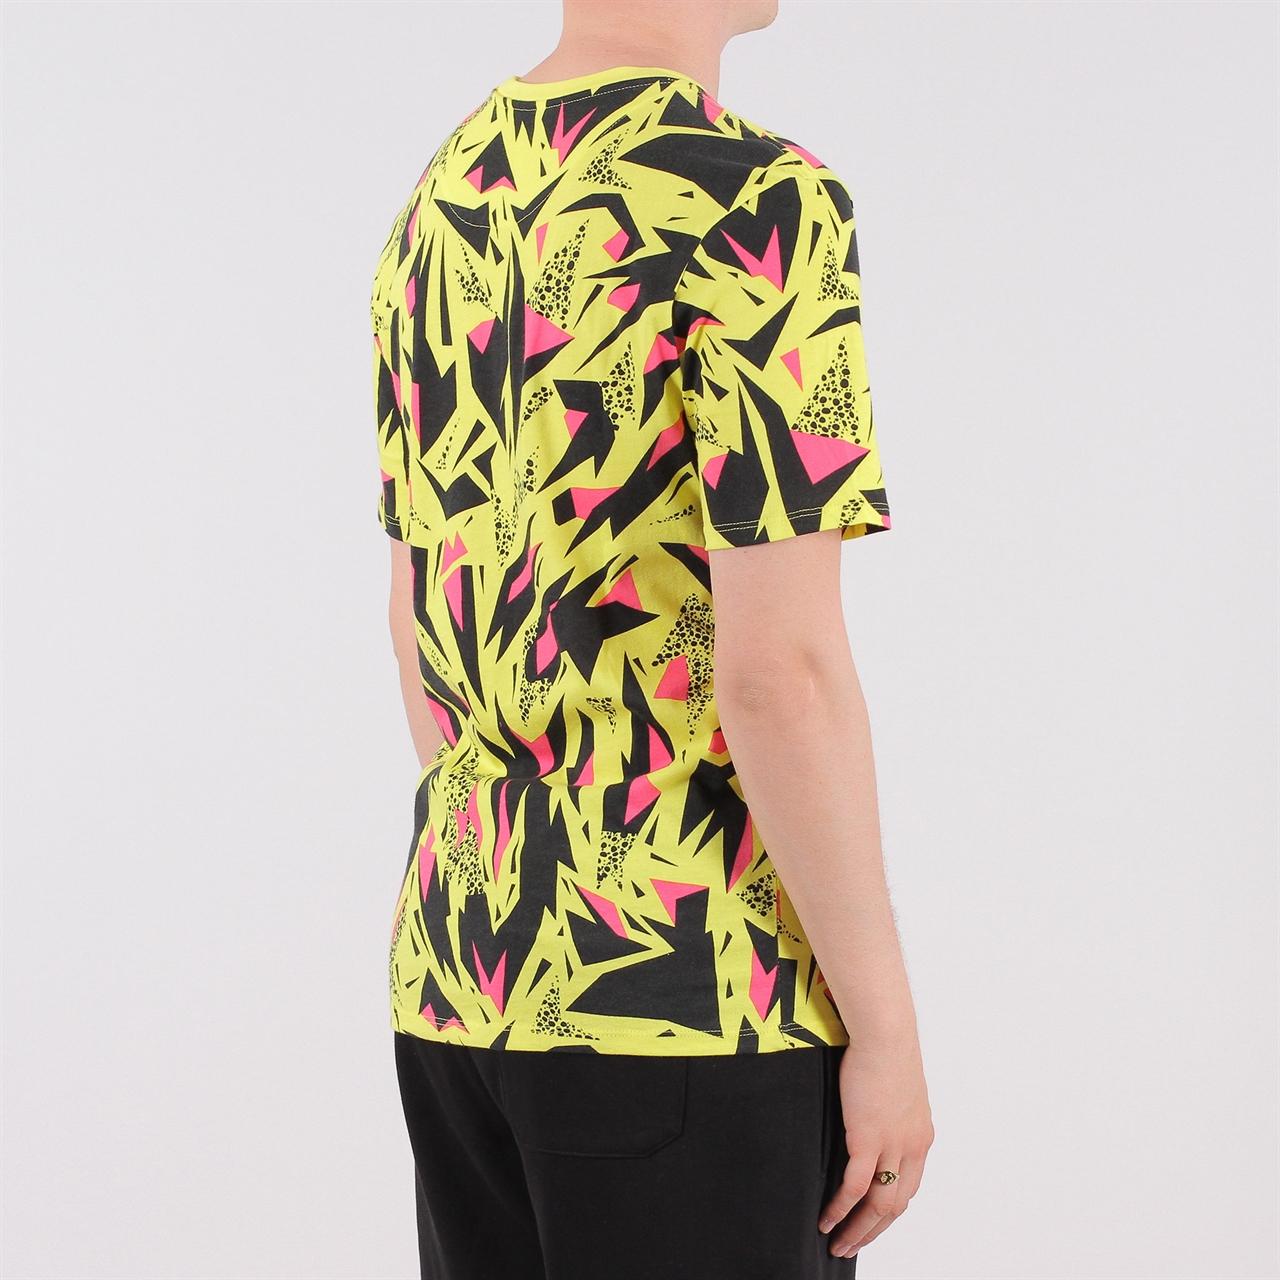 fd94590a Shelta - Nike Sportswear AOP 90s Tee (AQ4391-740)